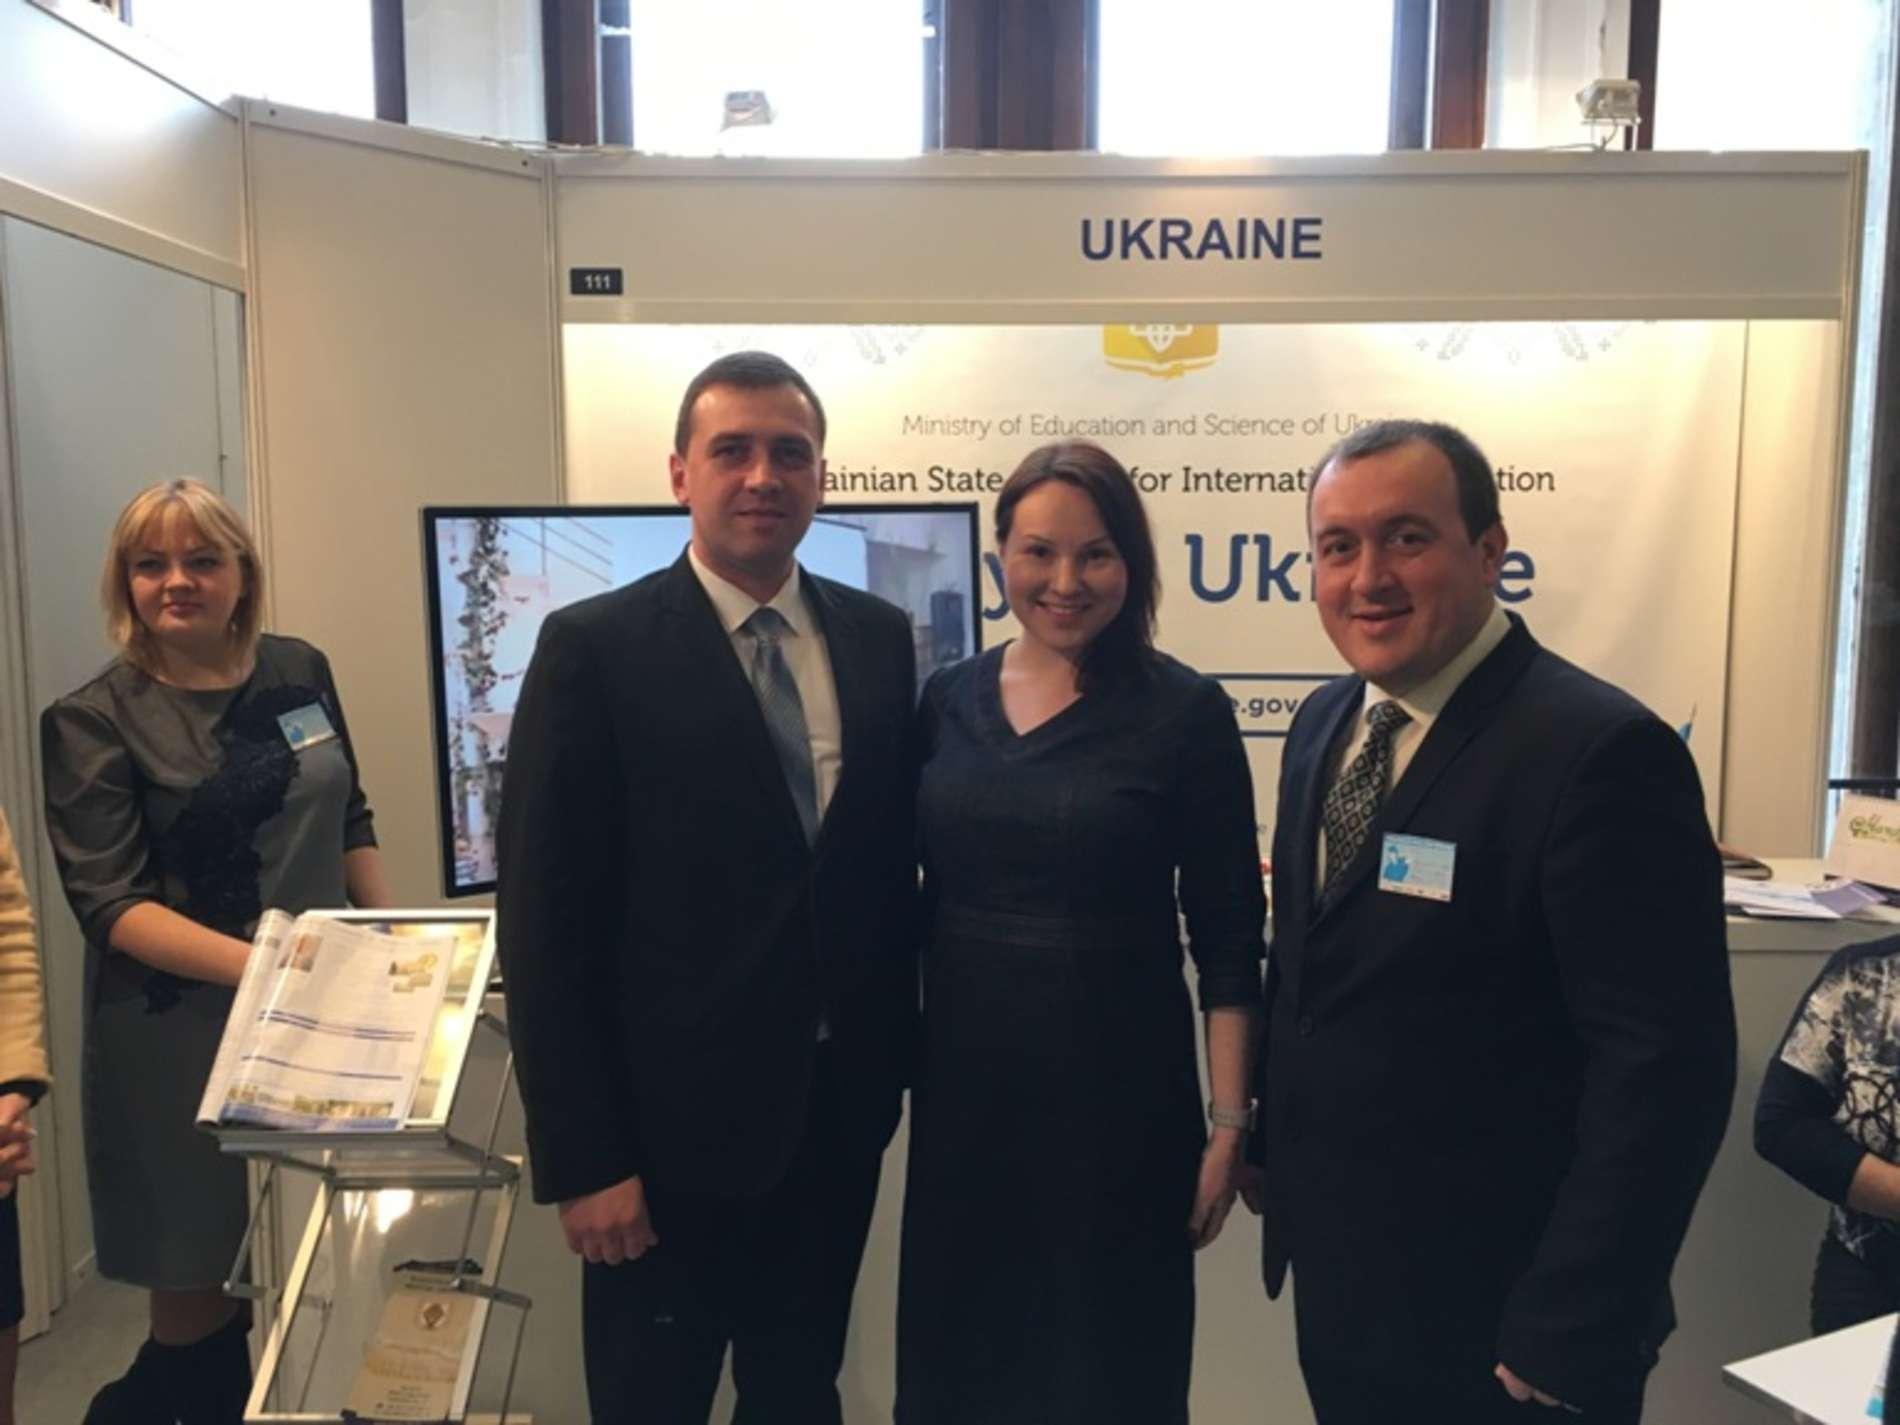 БДМУ був єдиним вишем, який презентував у Польщі вищу медичну освіту України